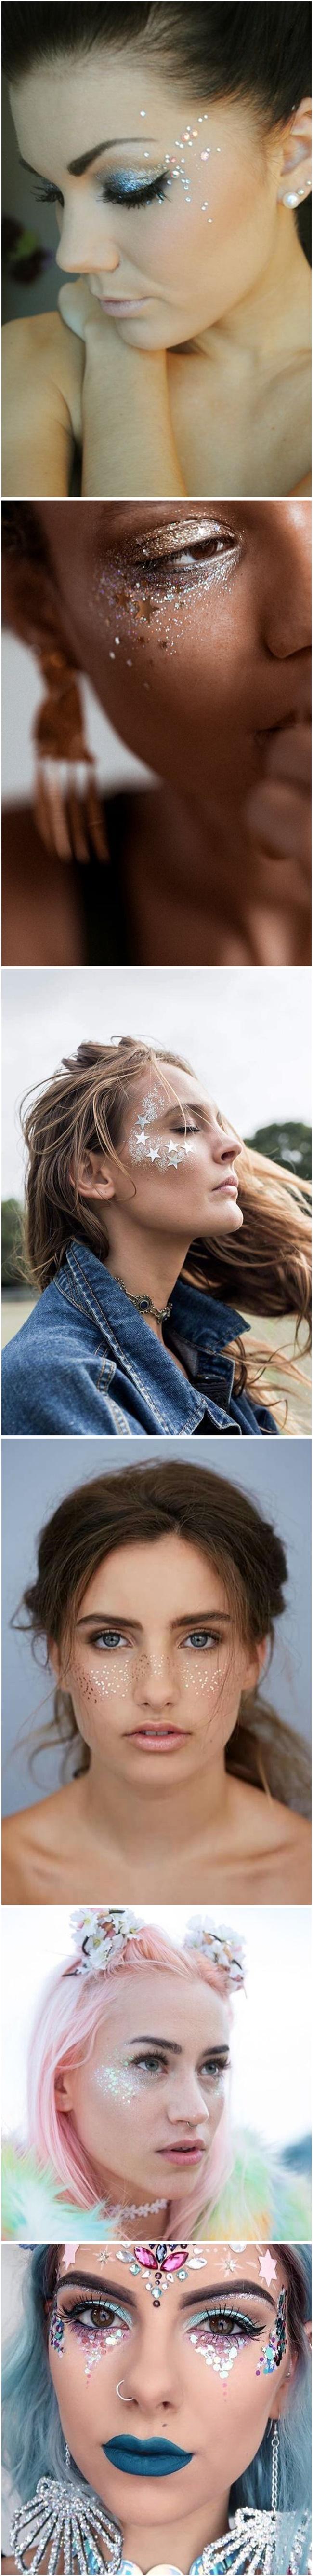 maquiagem para carnaval com glitter . devaneios etc